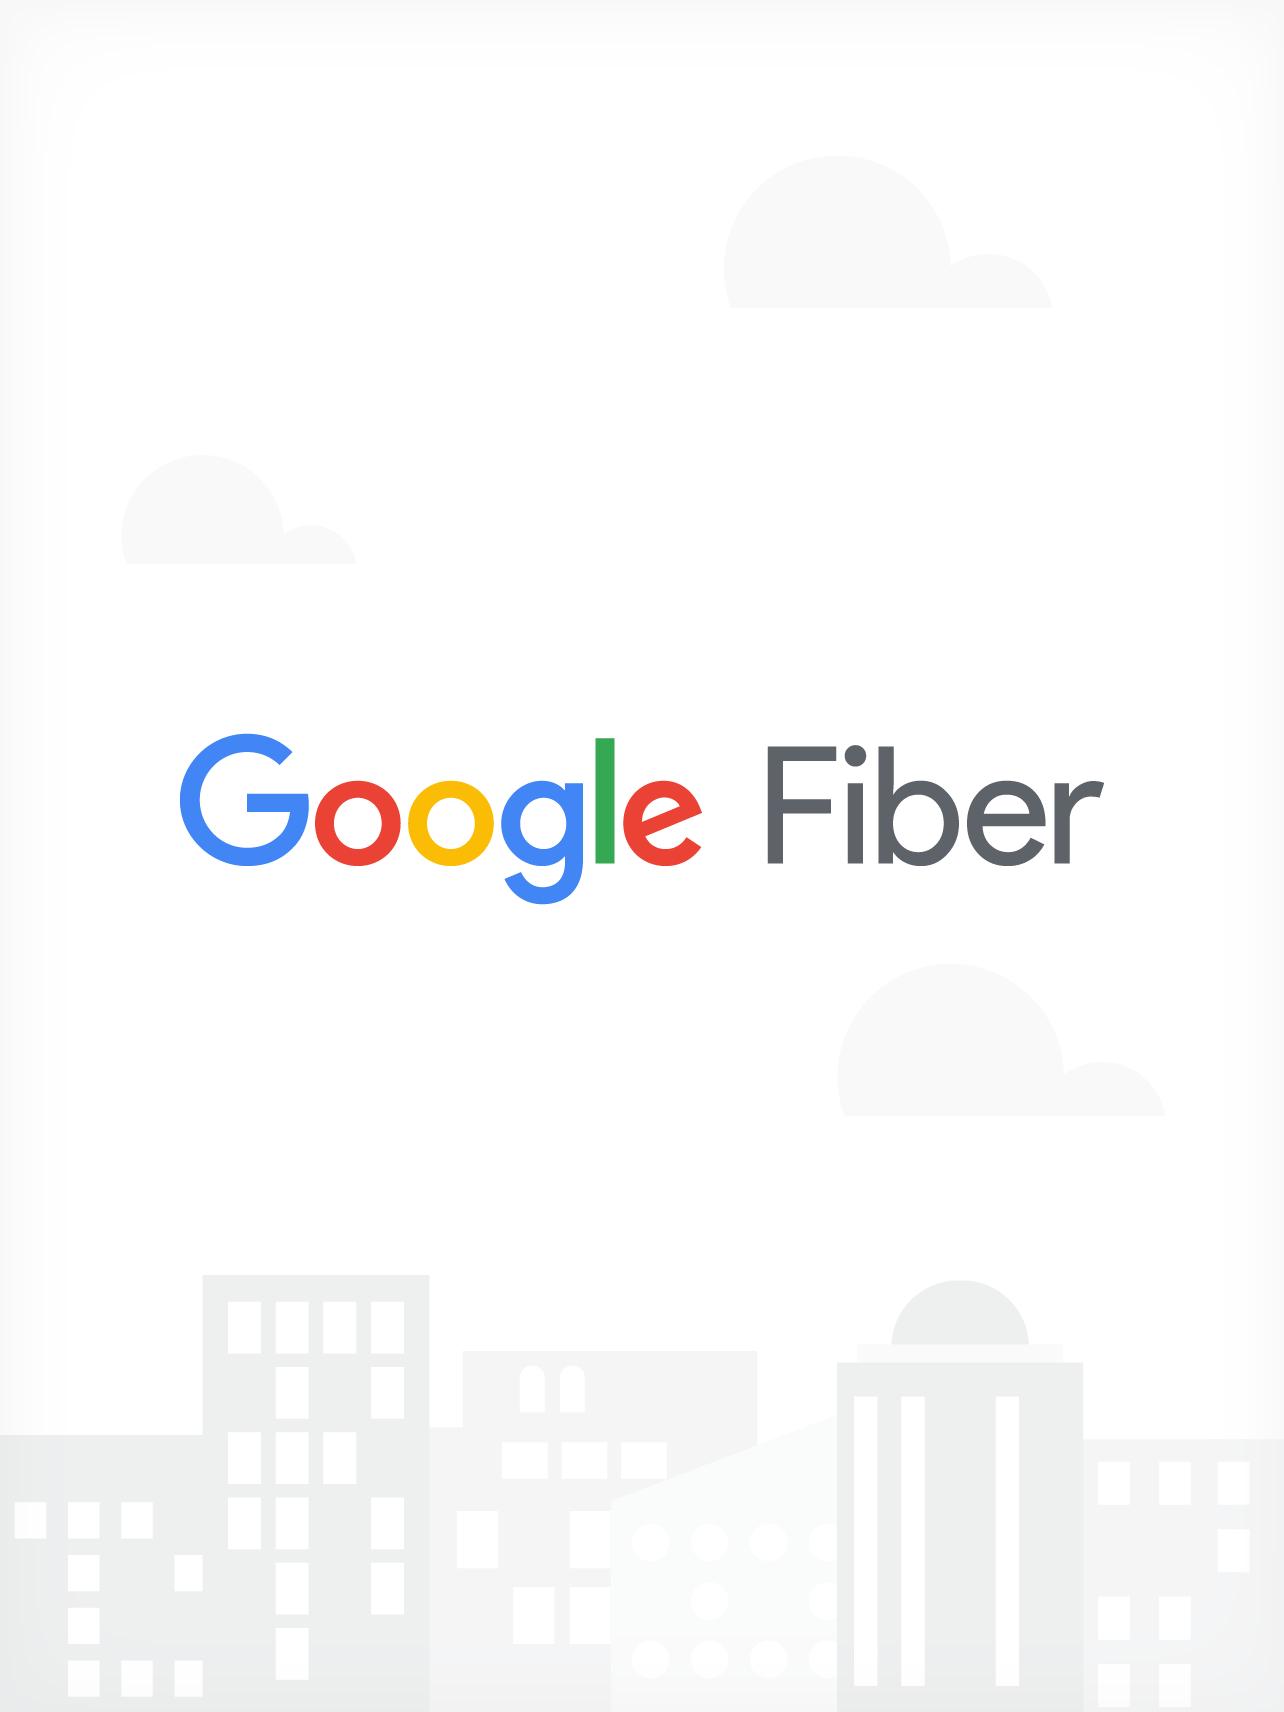 Google Fiber Brand Guidelines